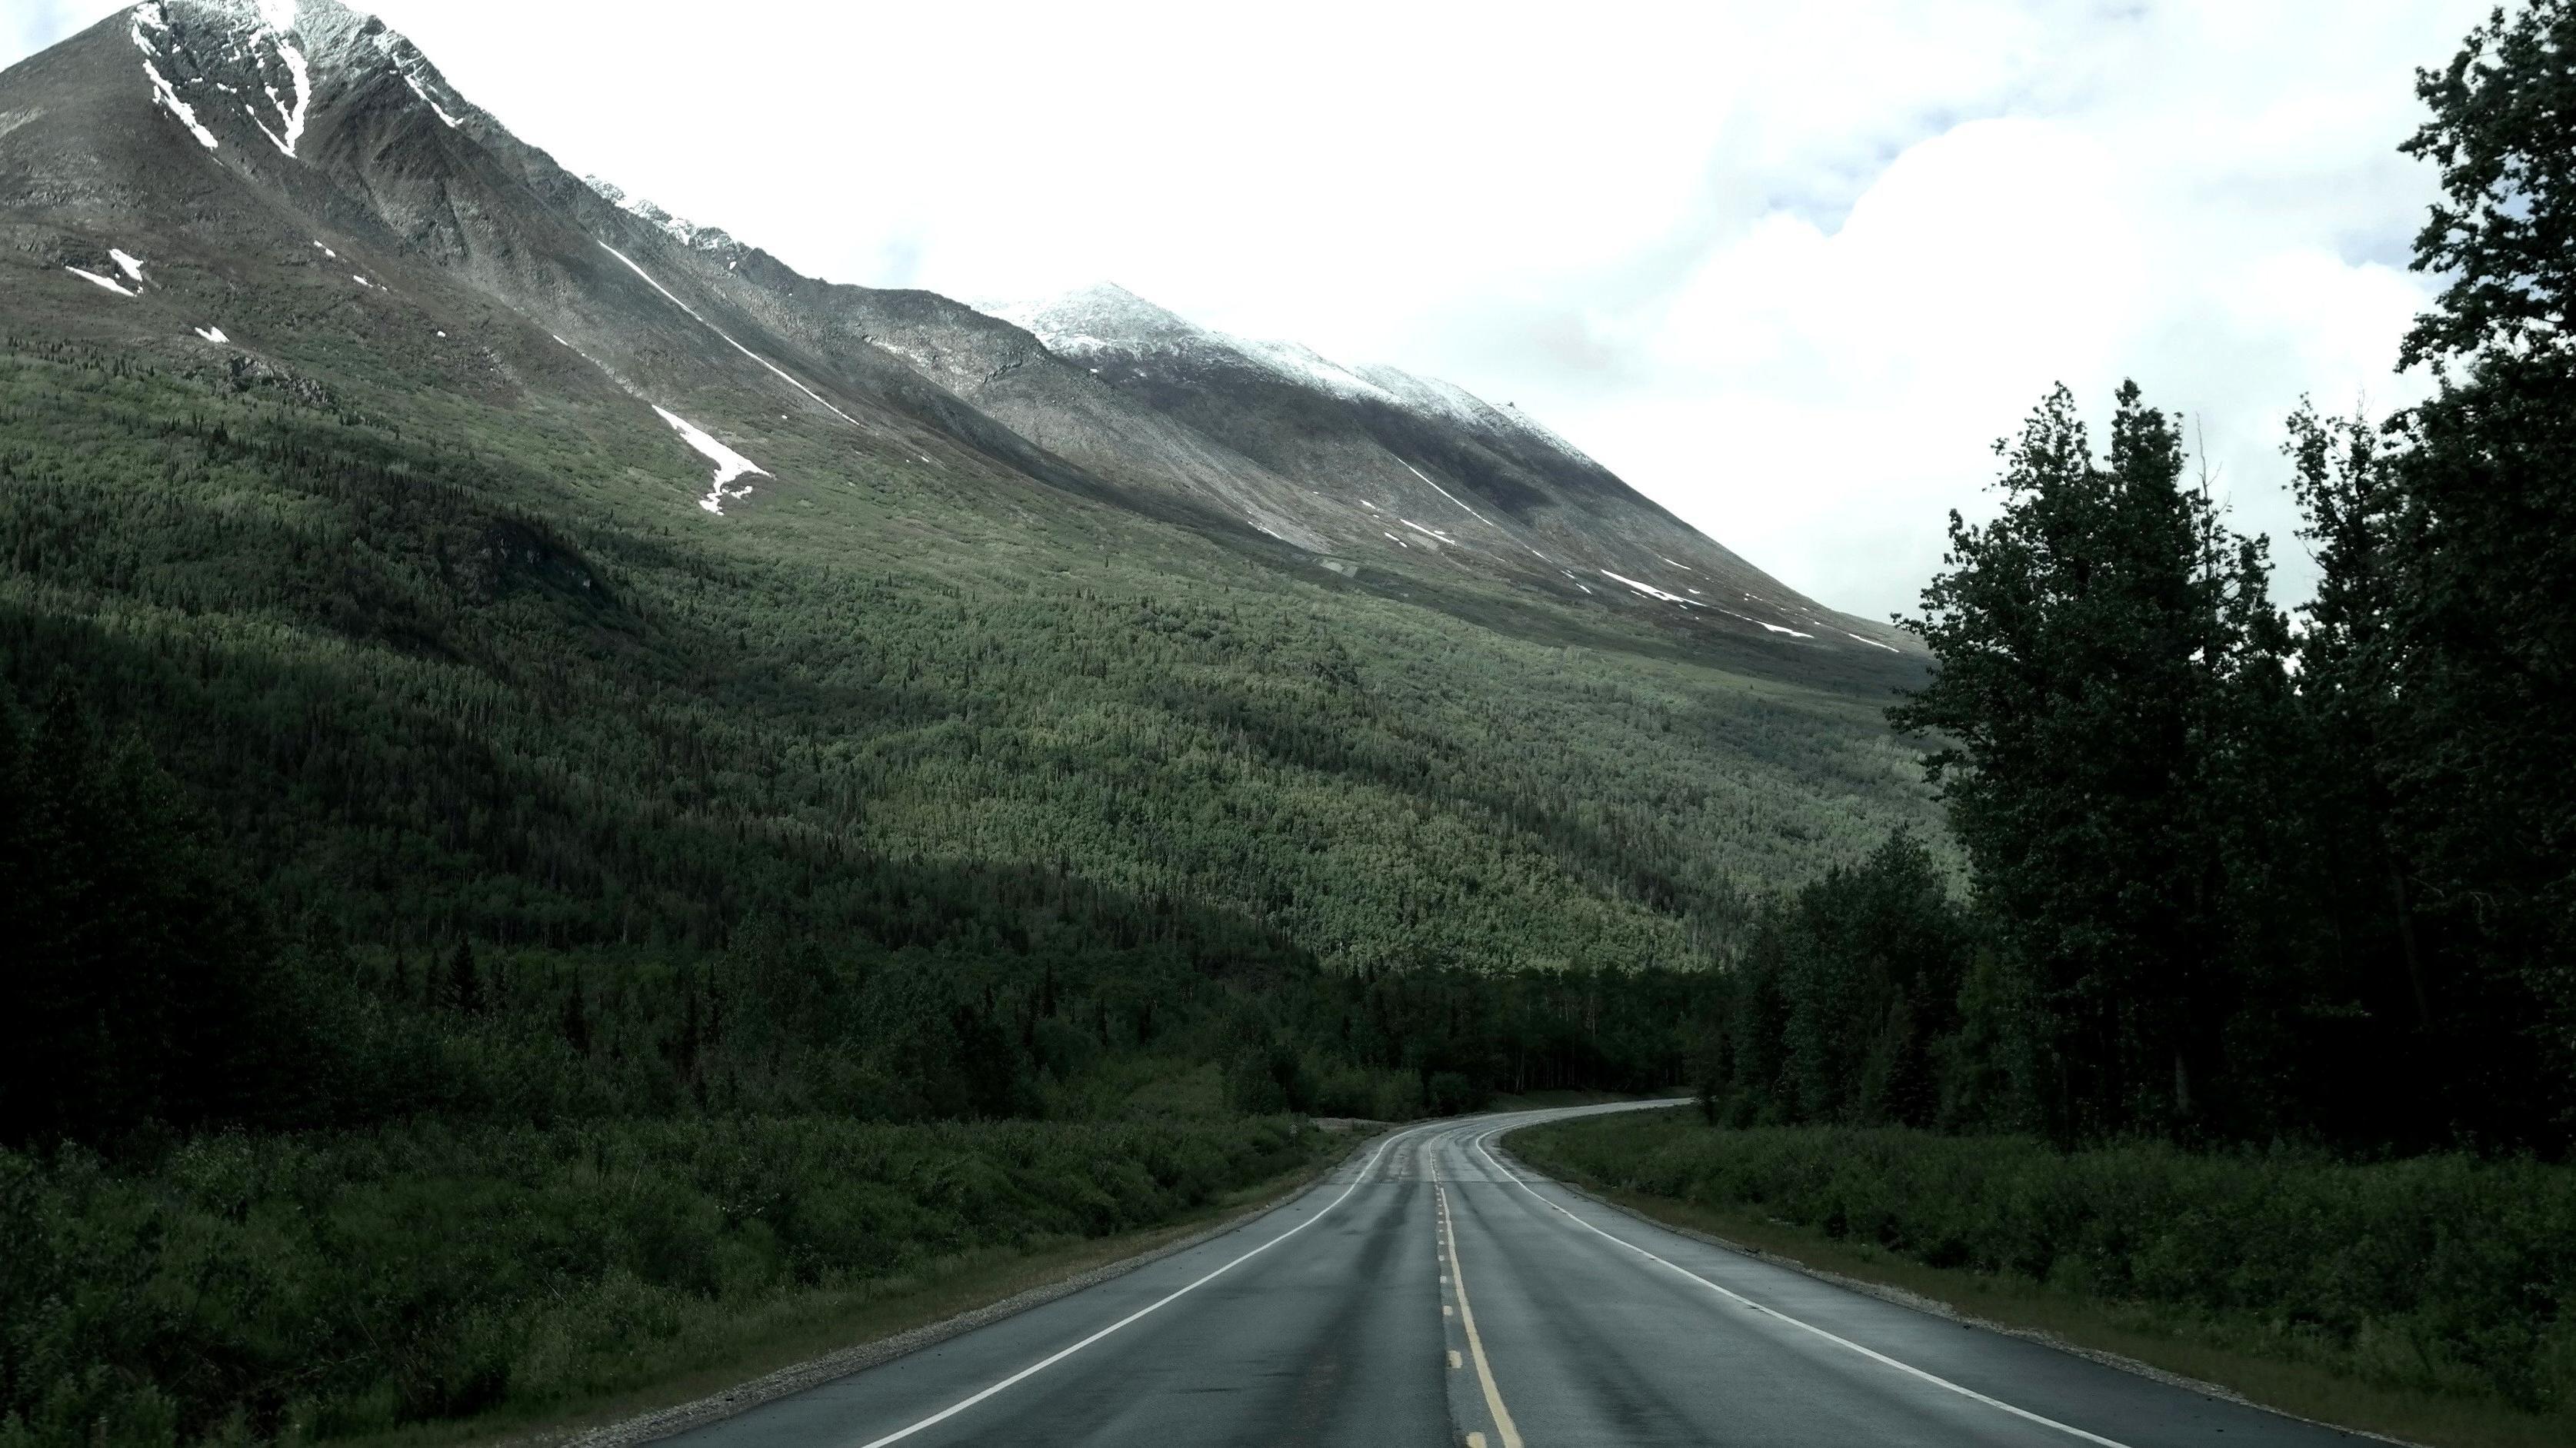 Hd Autumn Desktop Wallpaper Image Libre Route Montagne Route Chemin